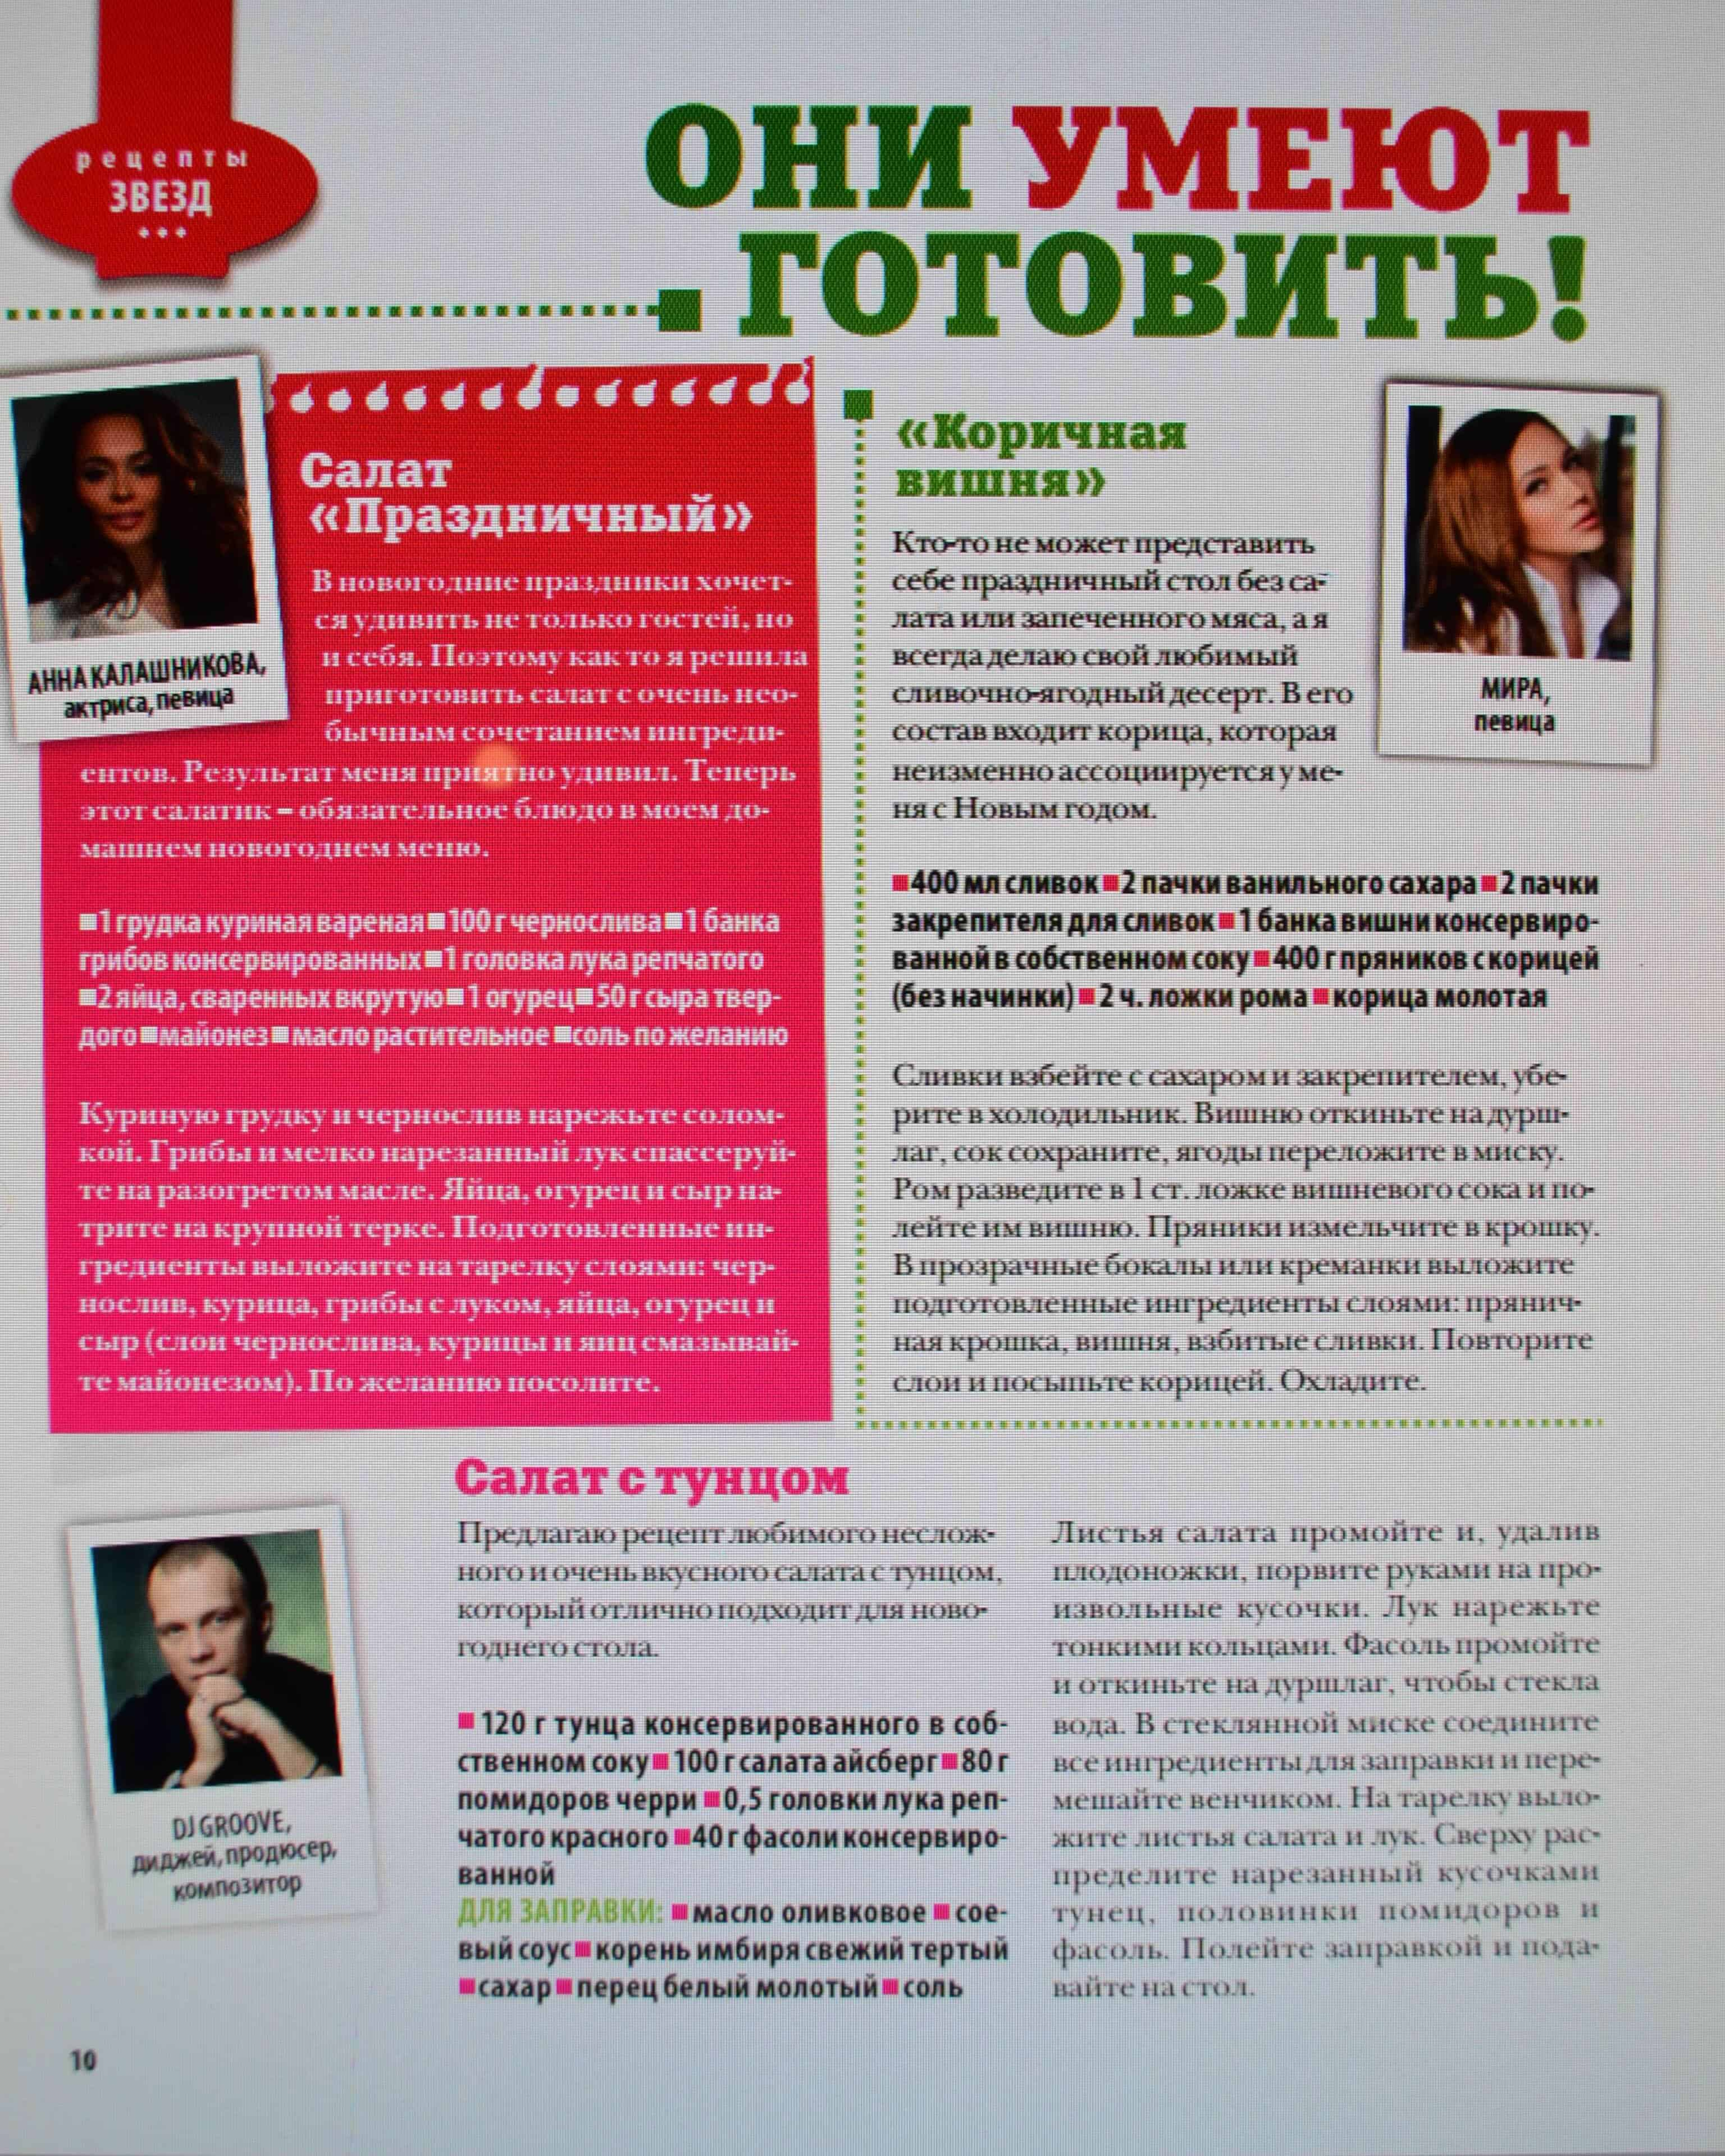 Кулинарные рецепты от Миры, Анны Калашниковой и DJ GROOVE